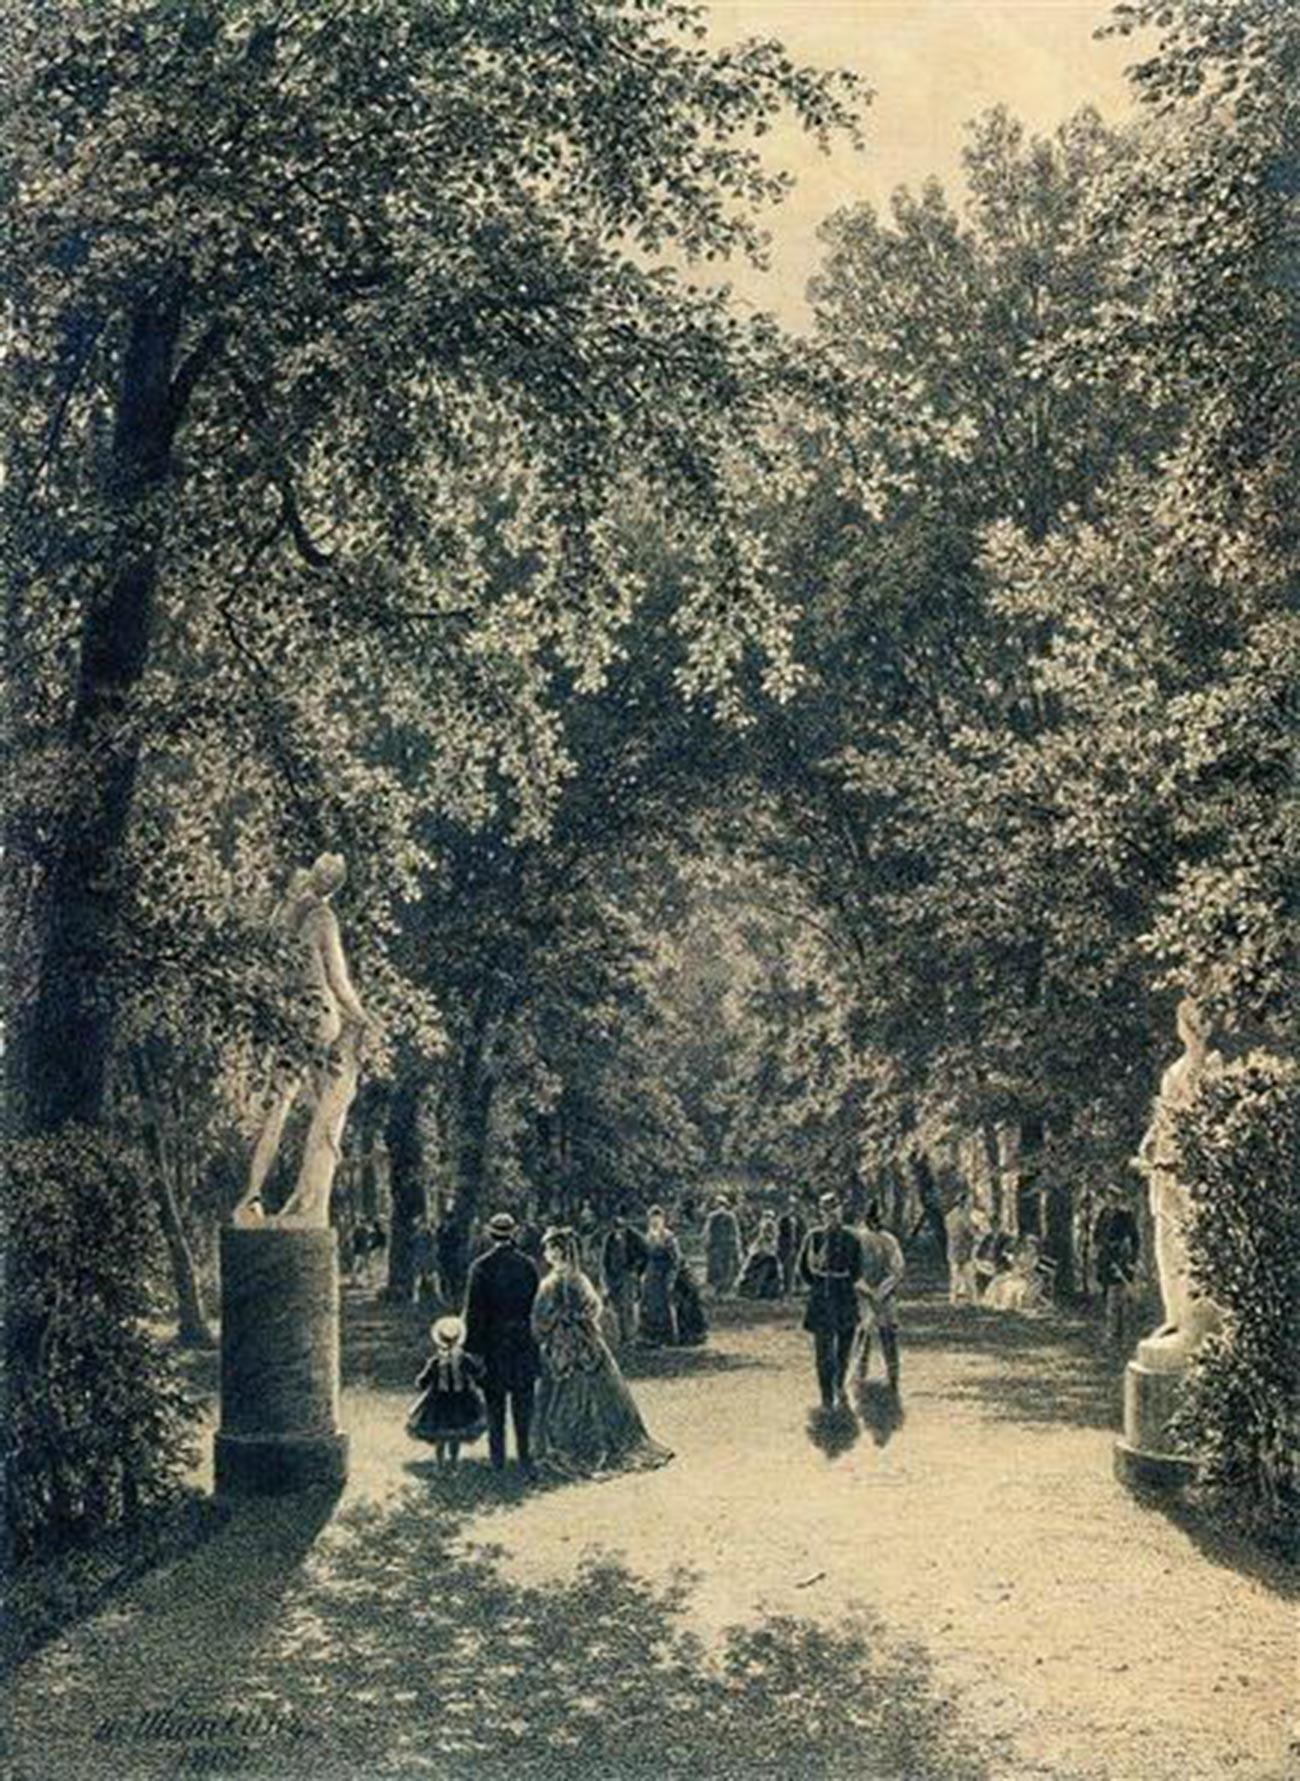 ペテルブルクの夏の庭園の並木道、1869年